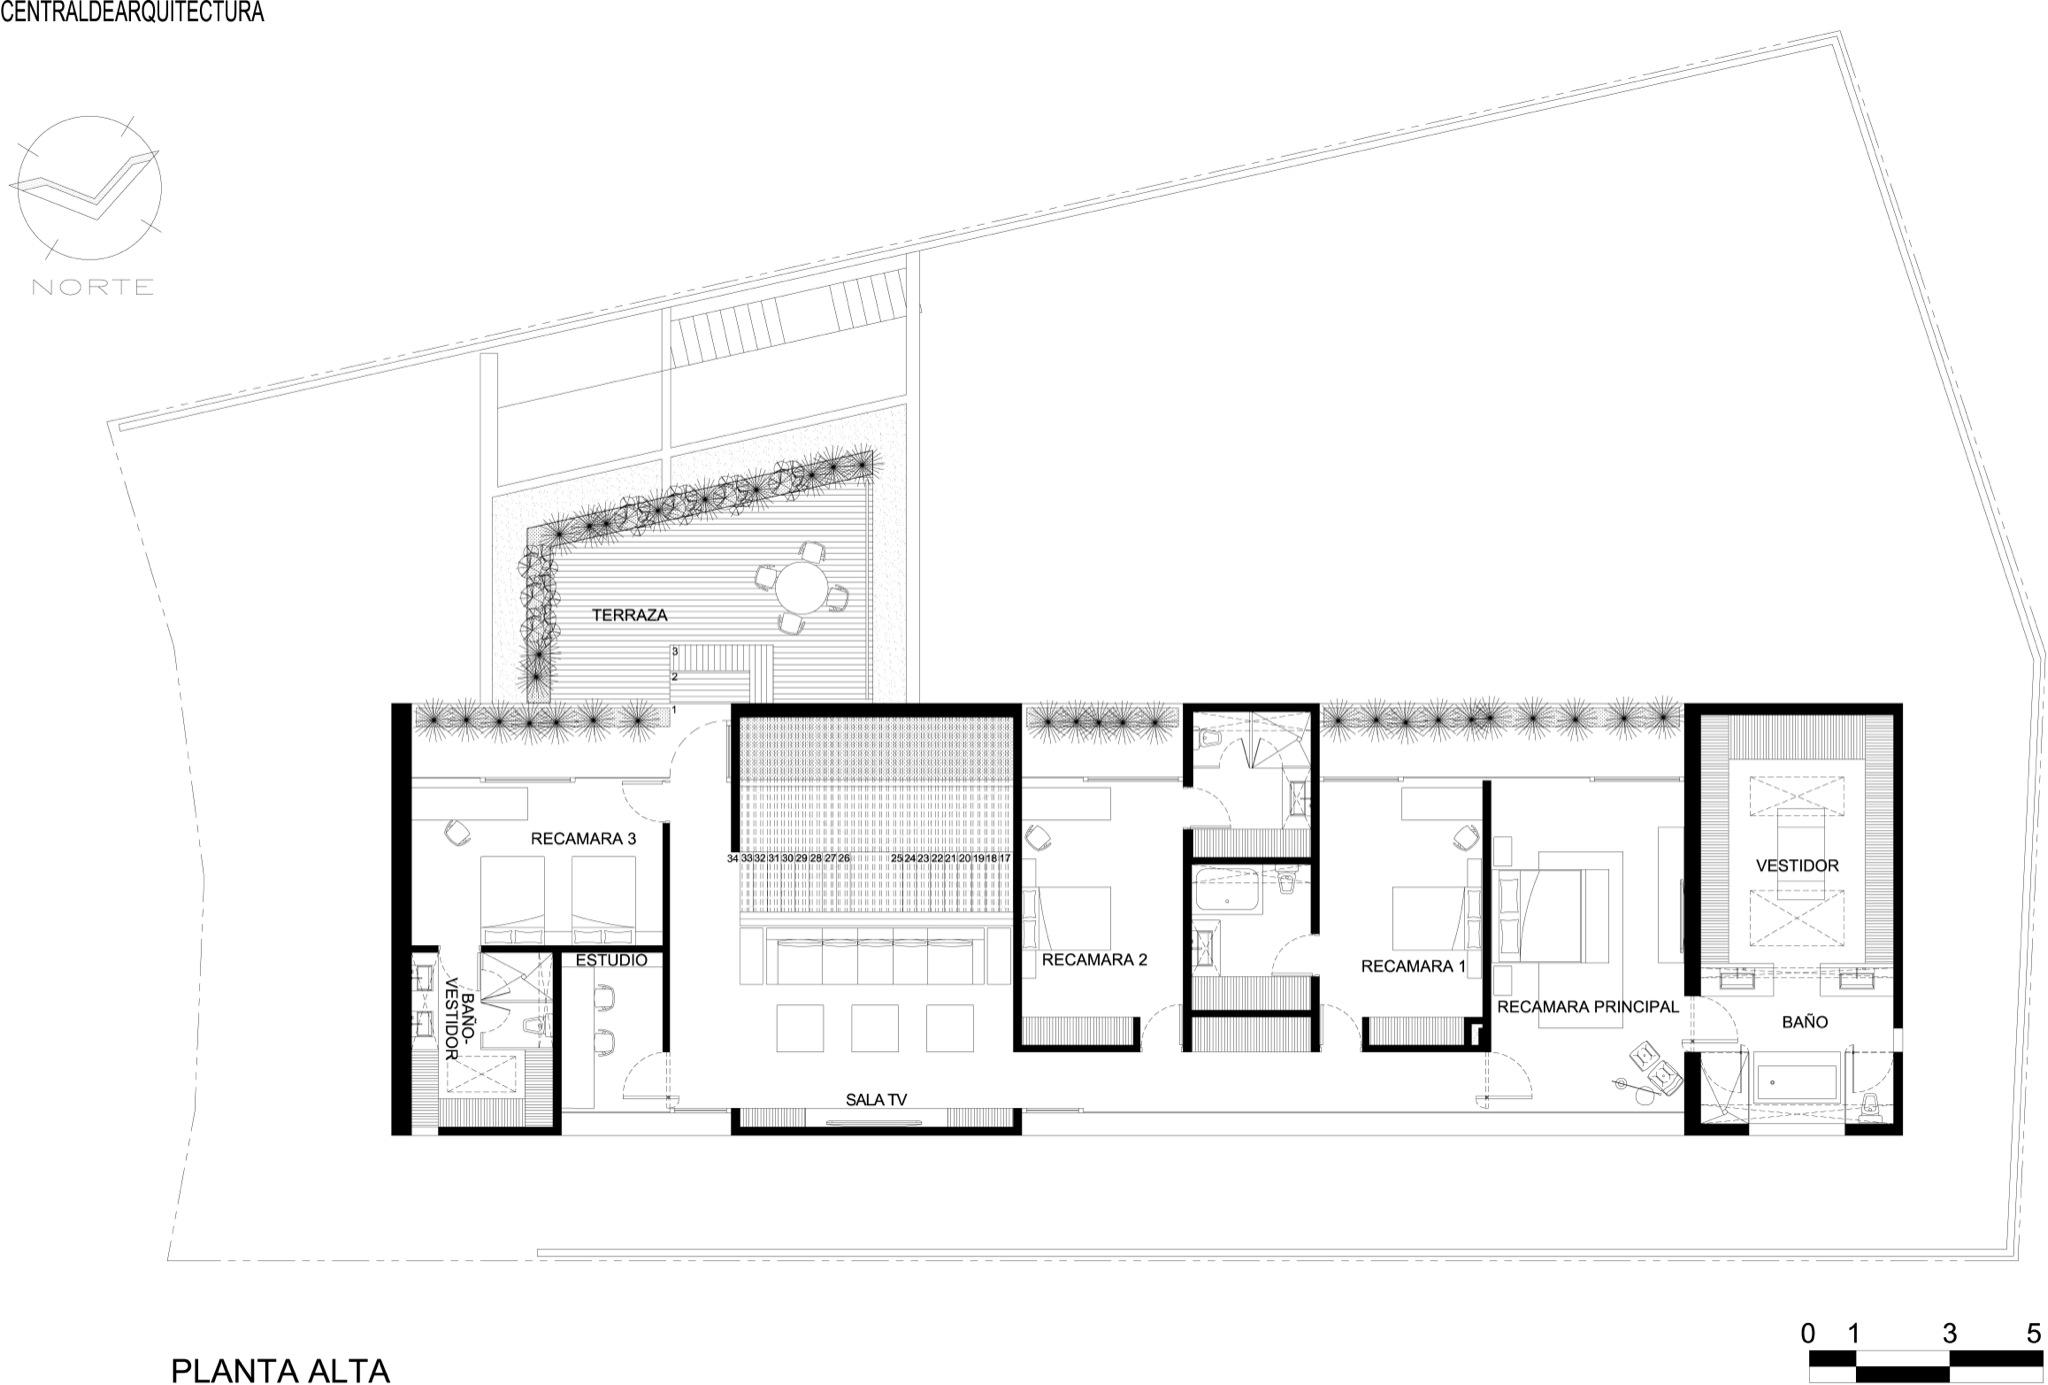 Galeria de casa la punta central de arquitectura 20 for Plan de arquitectura